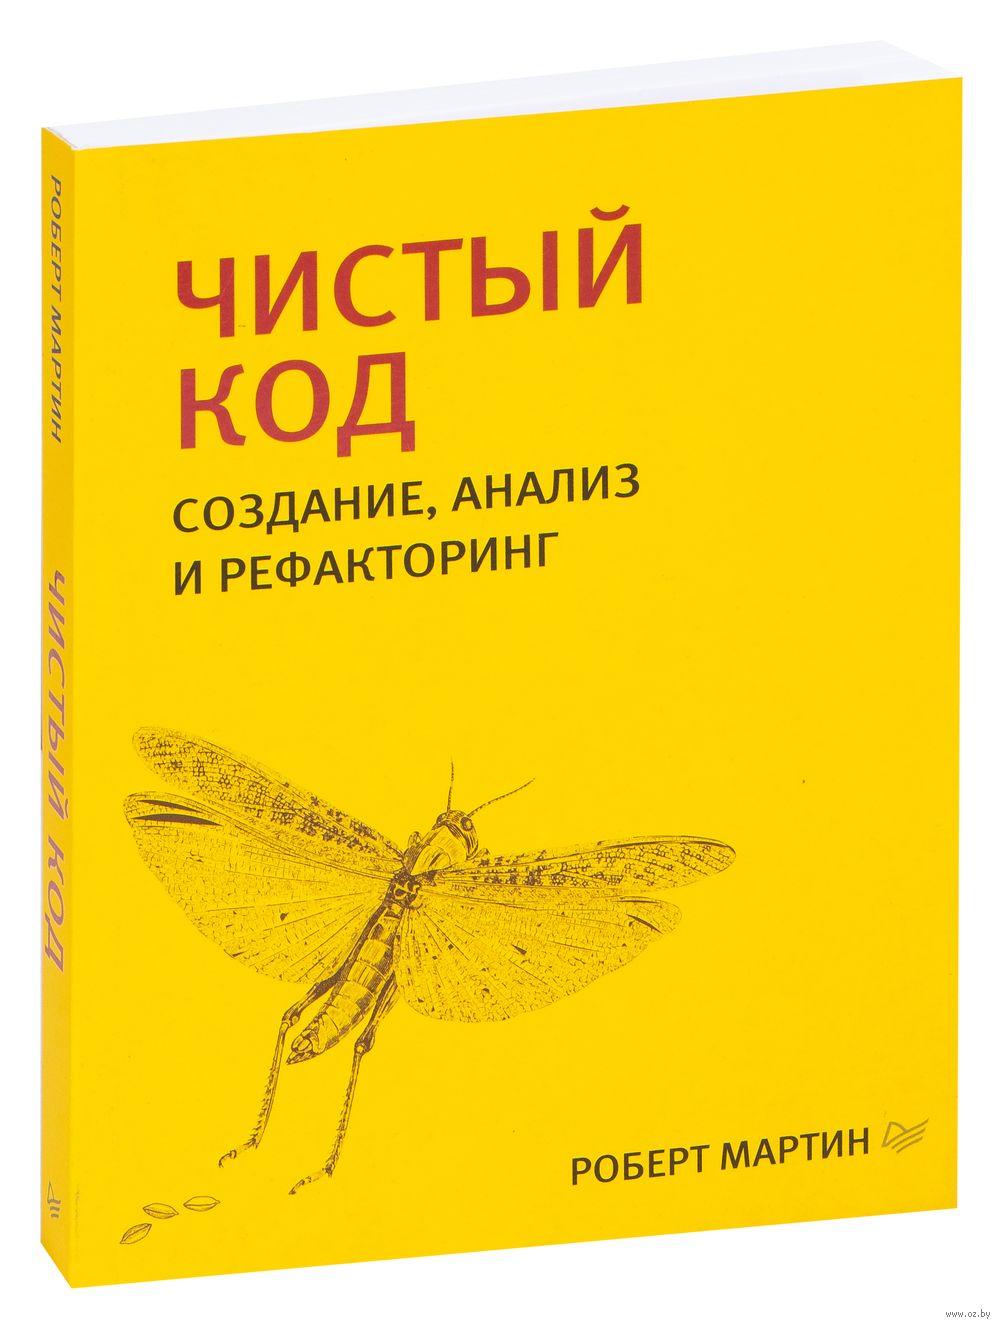 Чистый код книга скачать pdf.